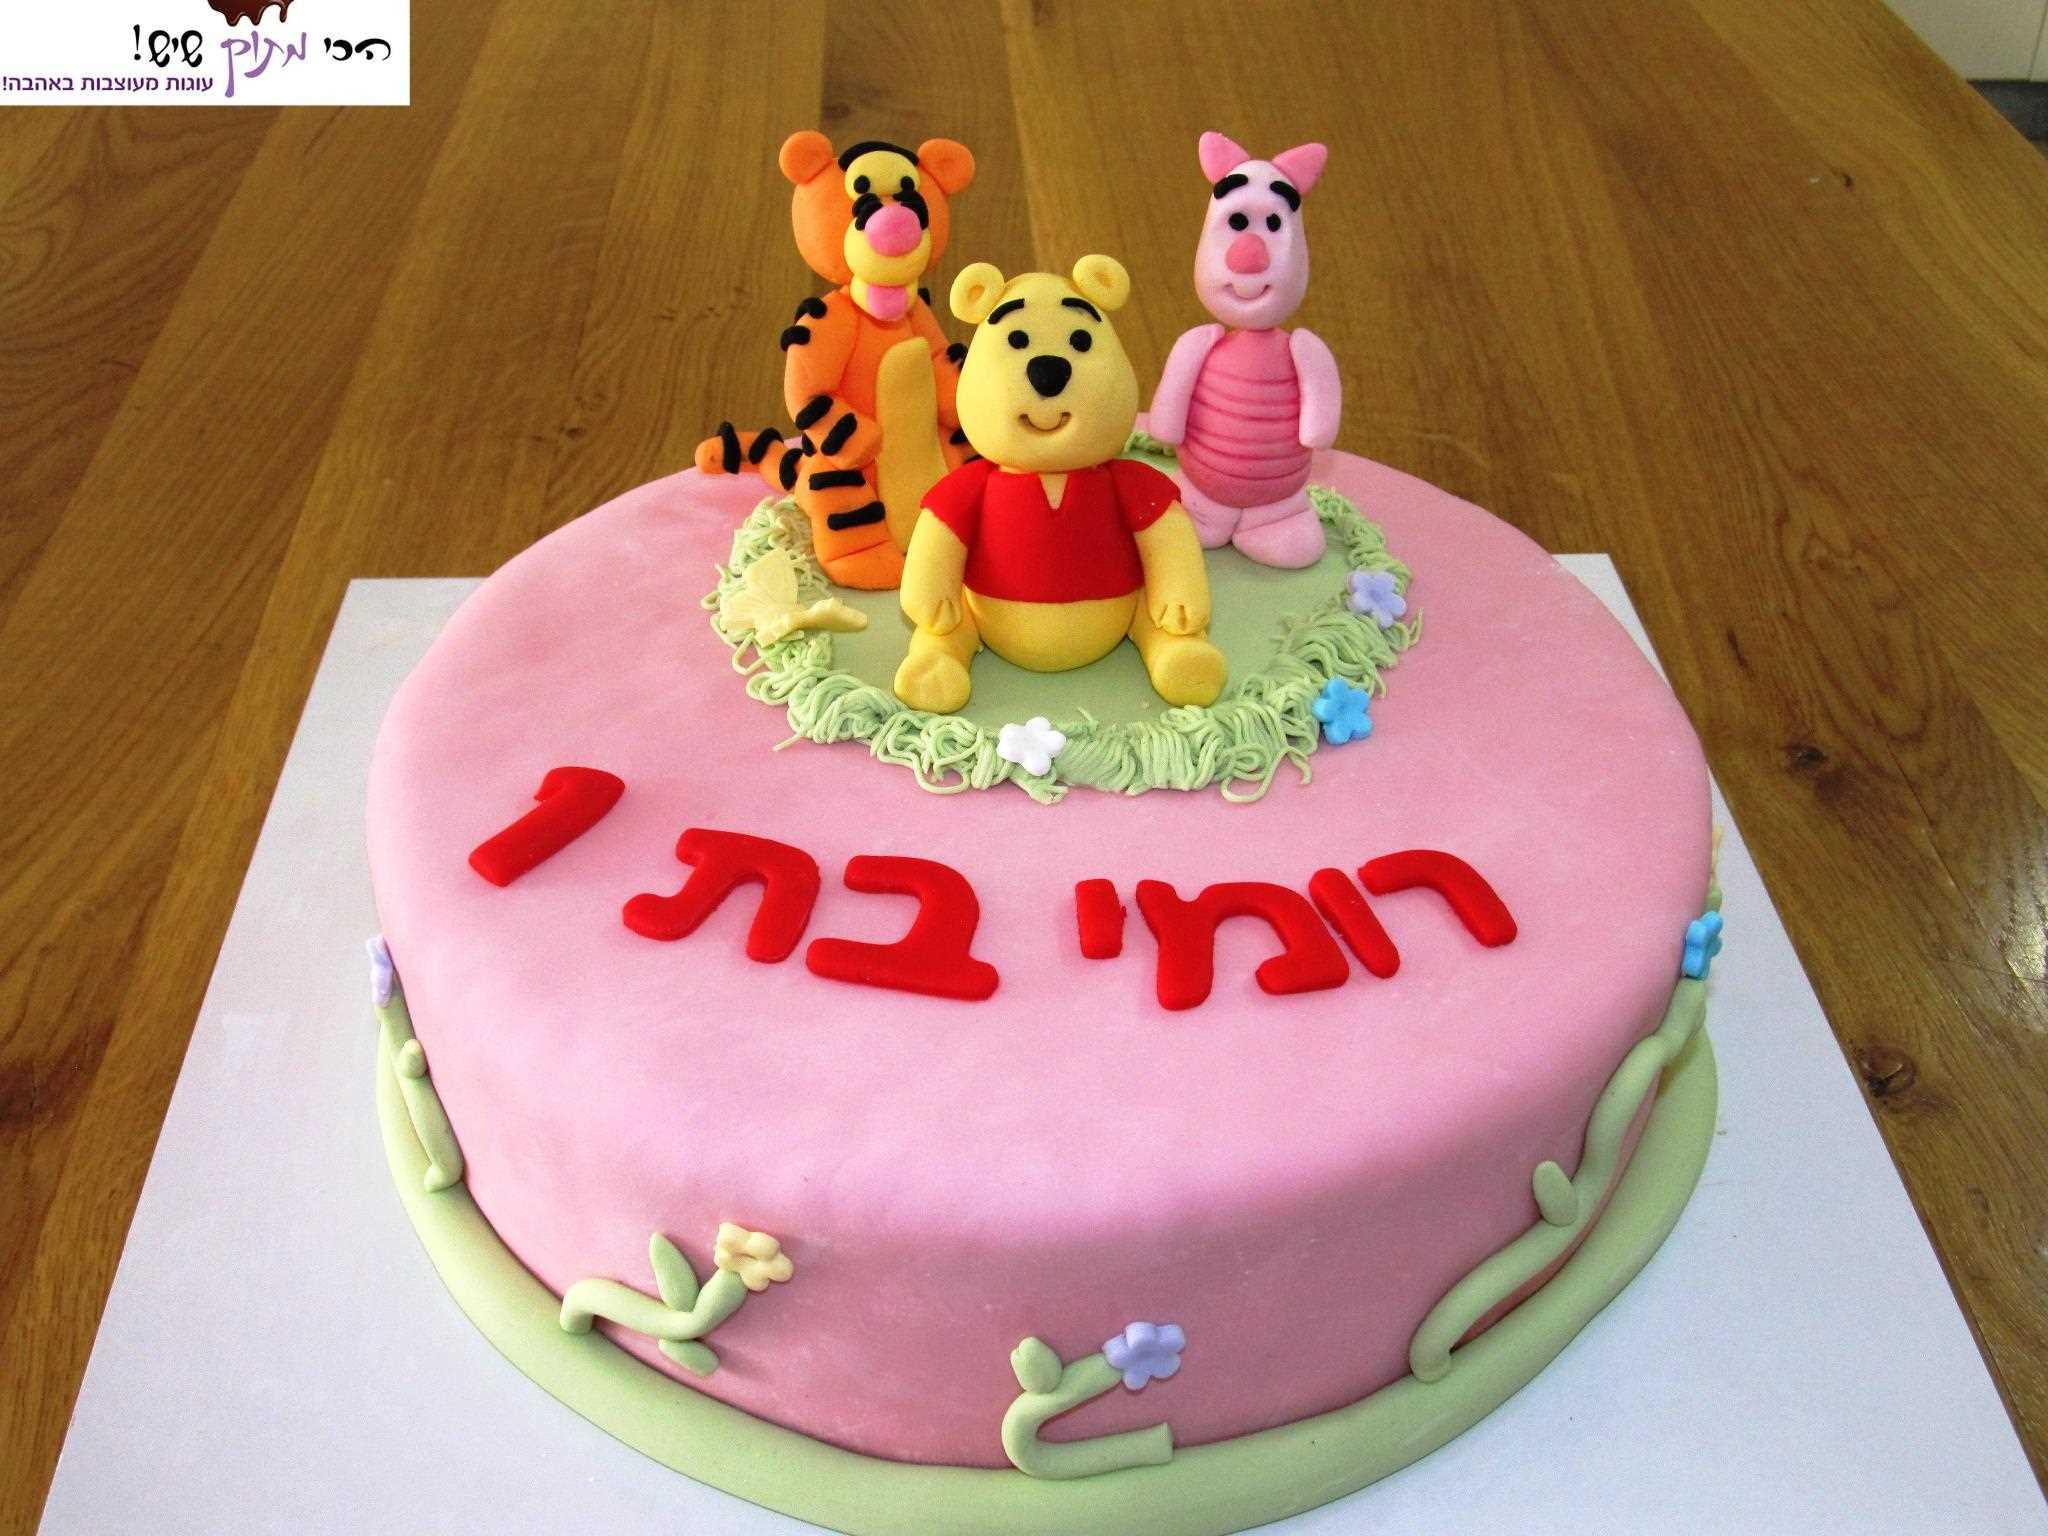 AGAS HEBREW